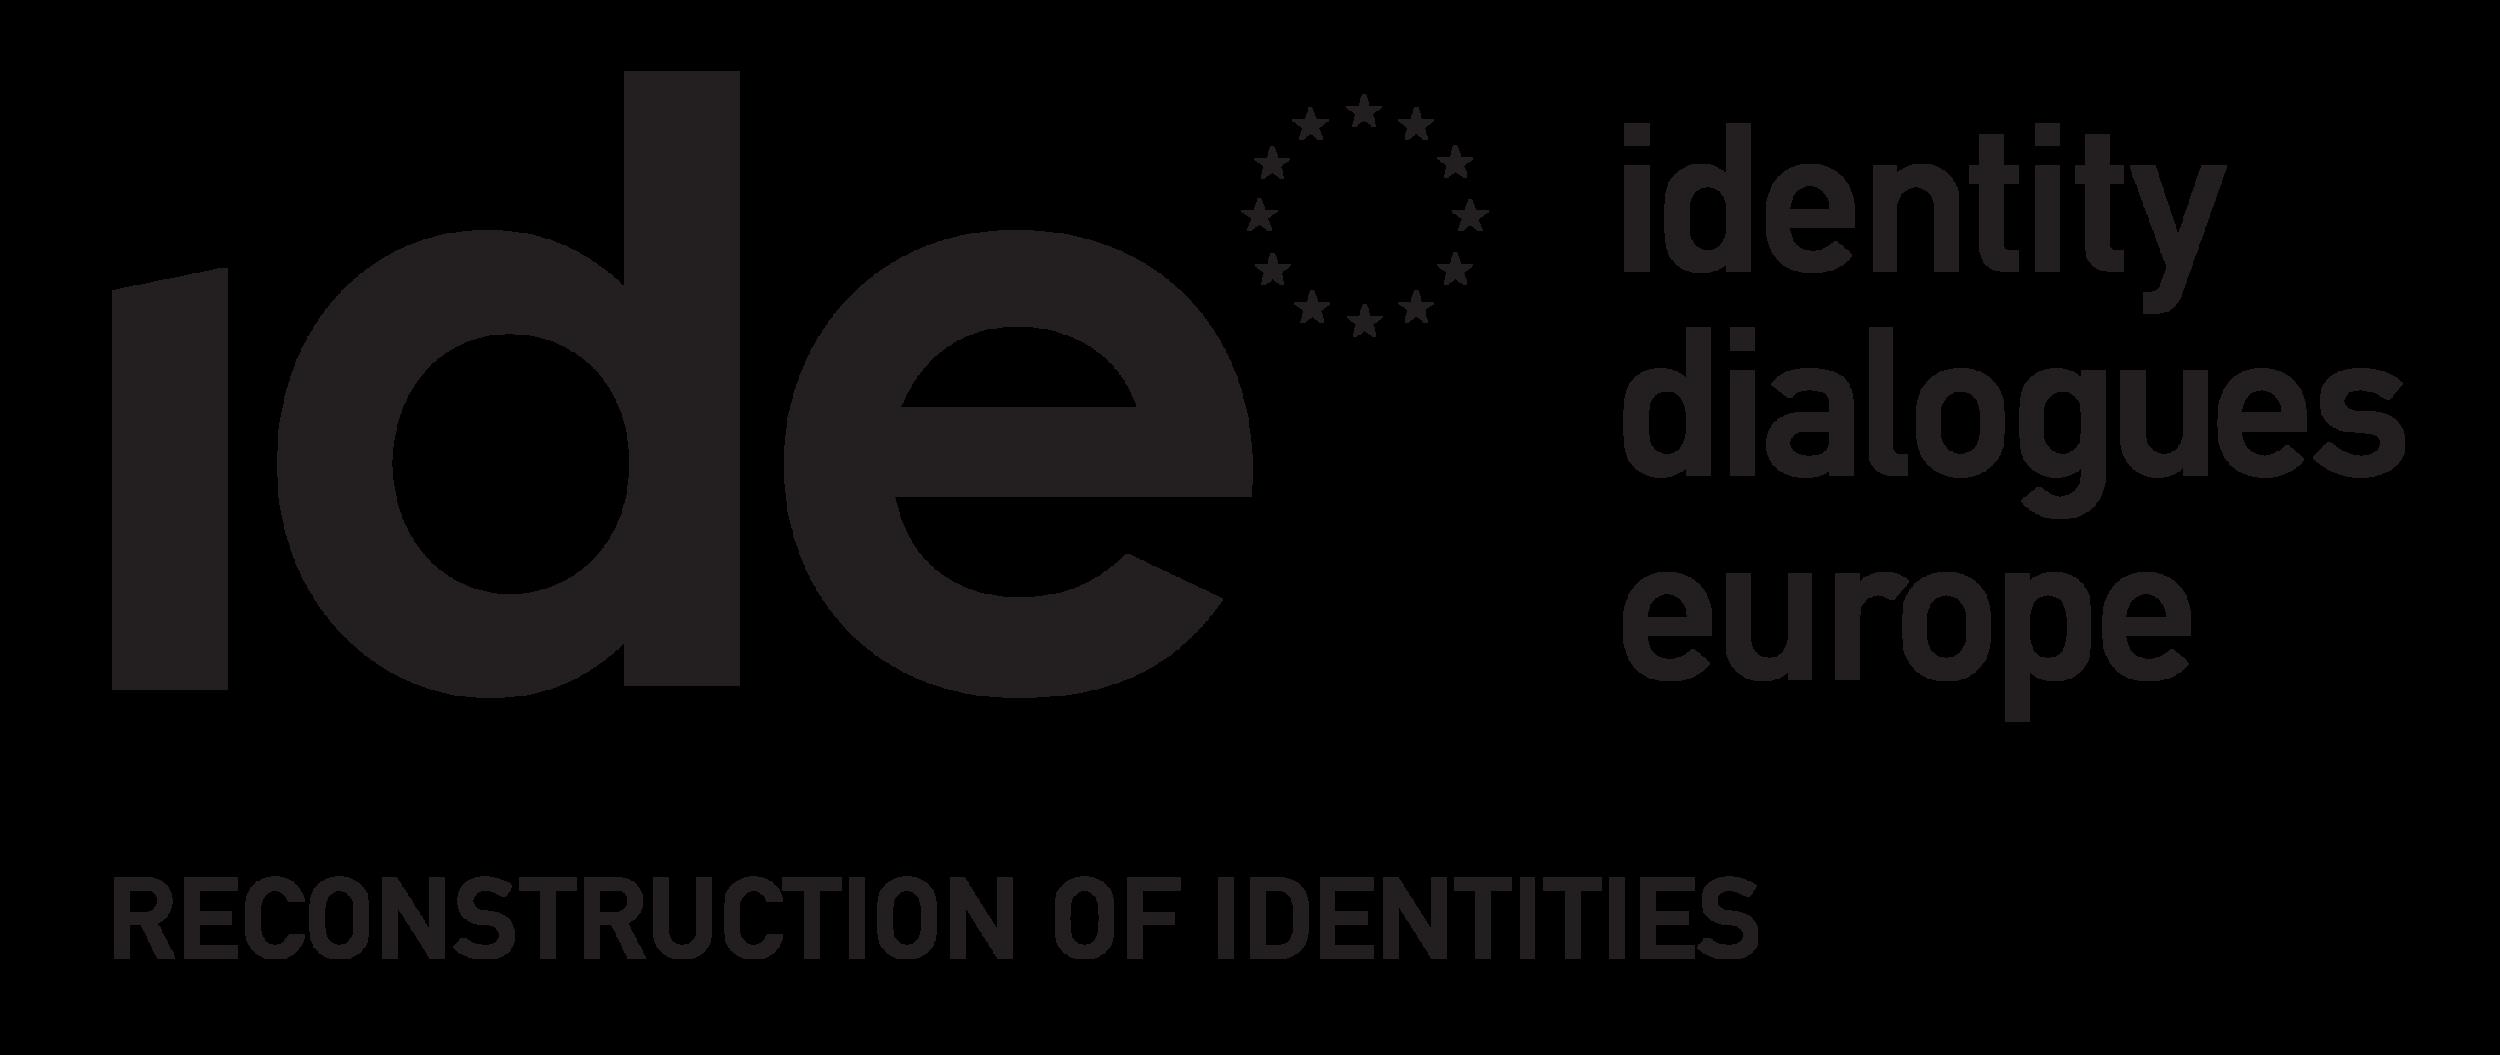 ide_logo_black_transparant.png